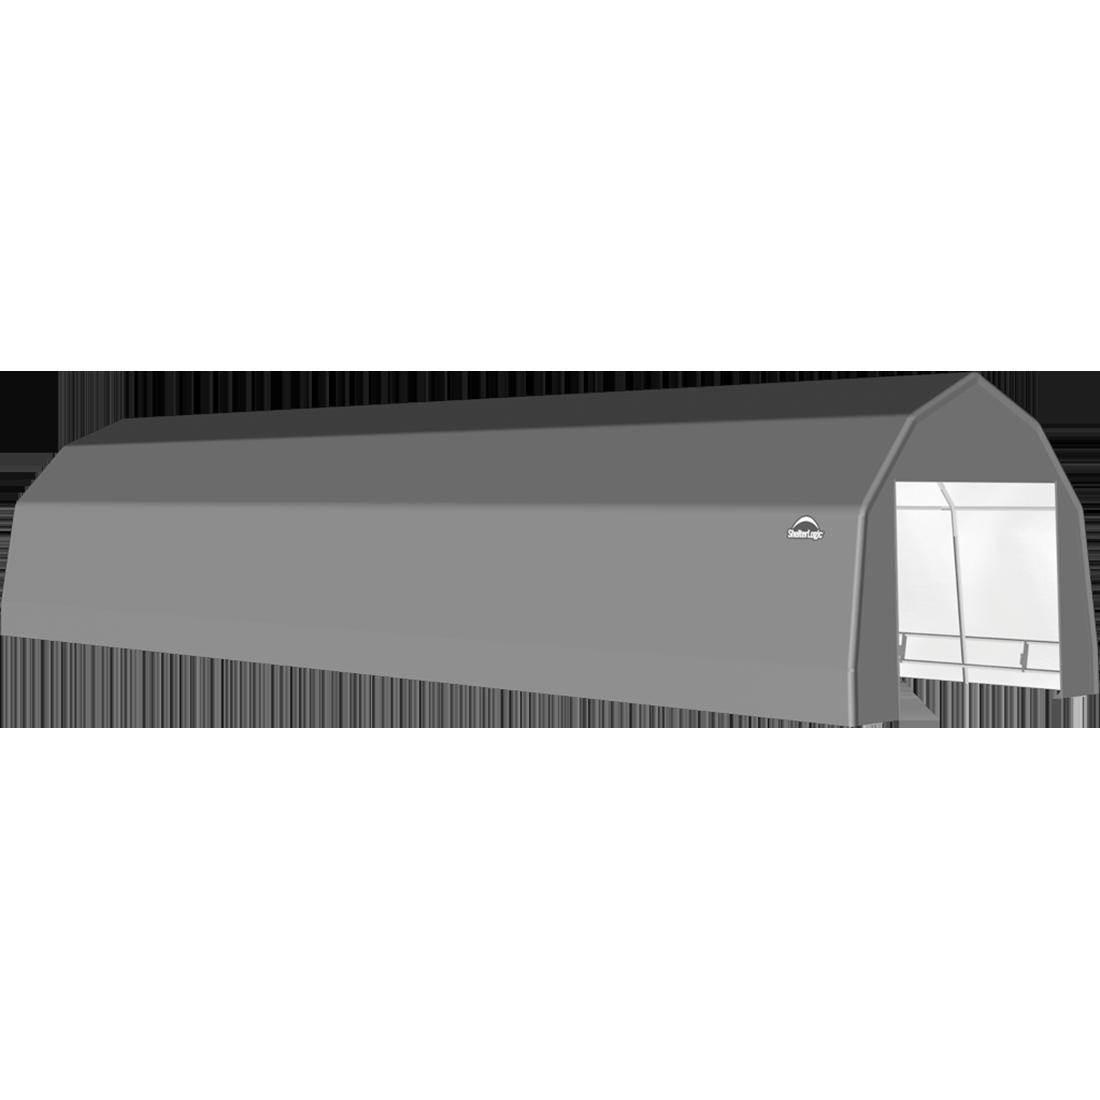 SP Barn 12X32X9 Gray 14 oz PE Shelter